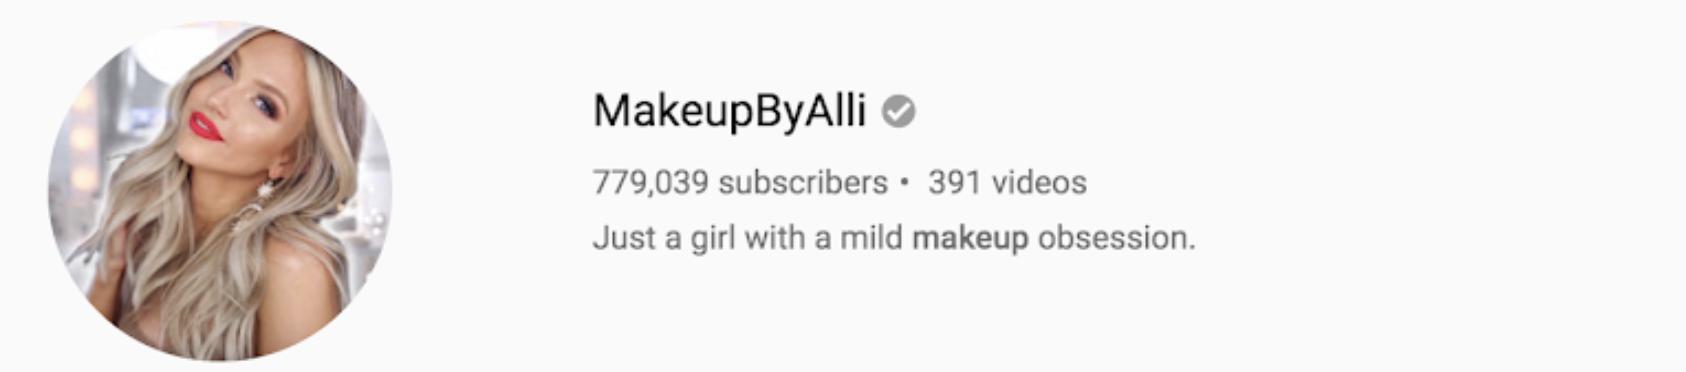 glamorous-youtube-icon